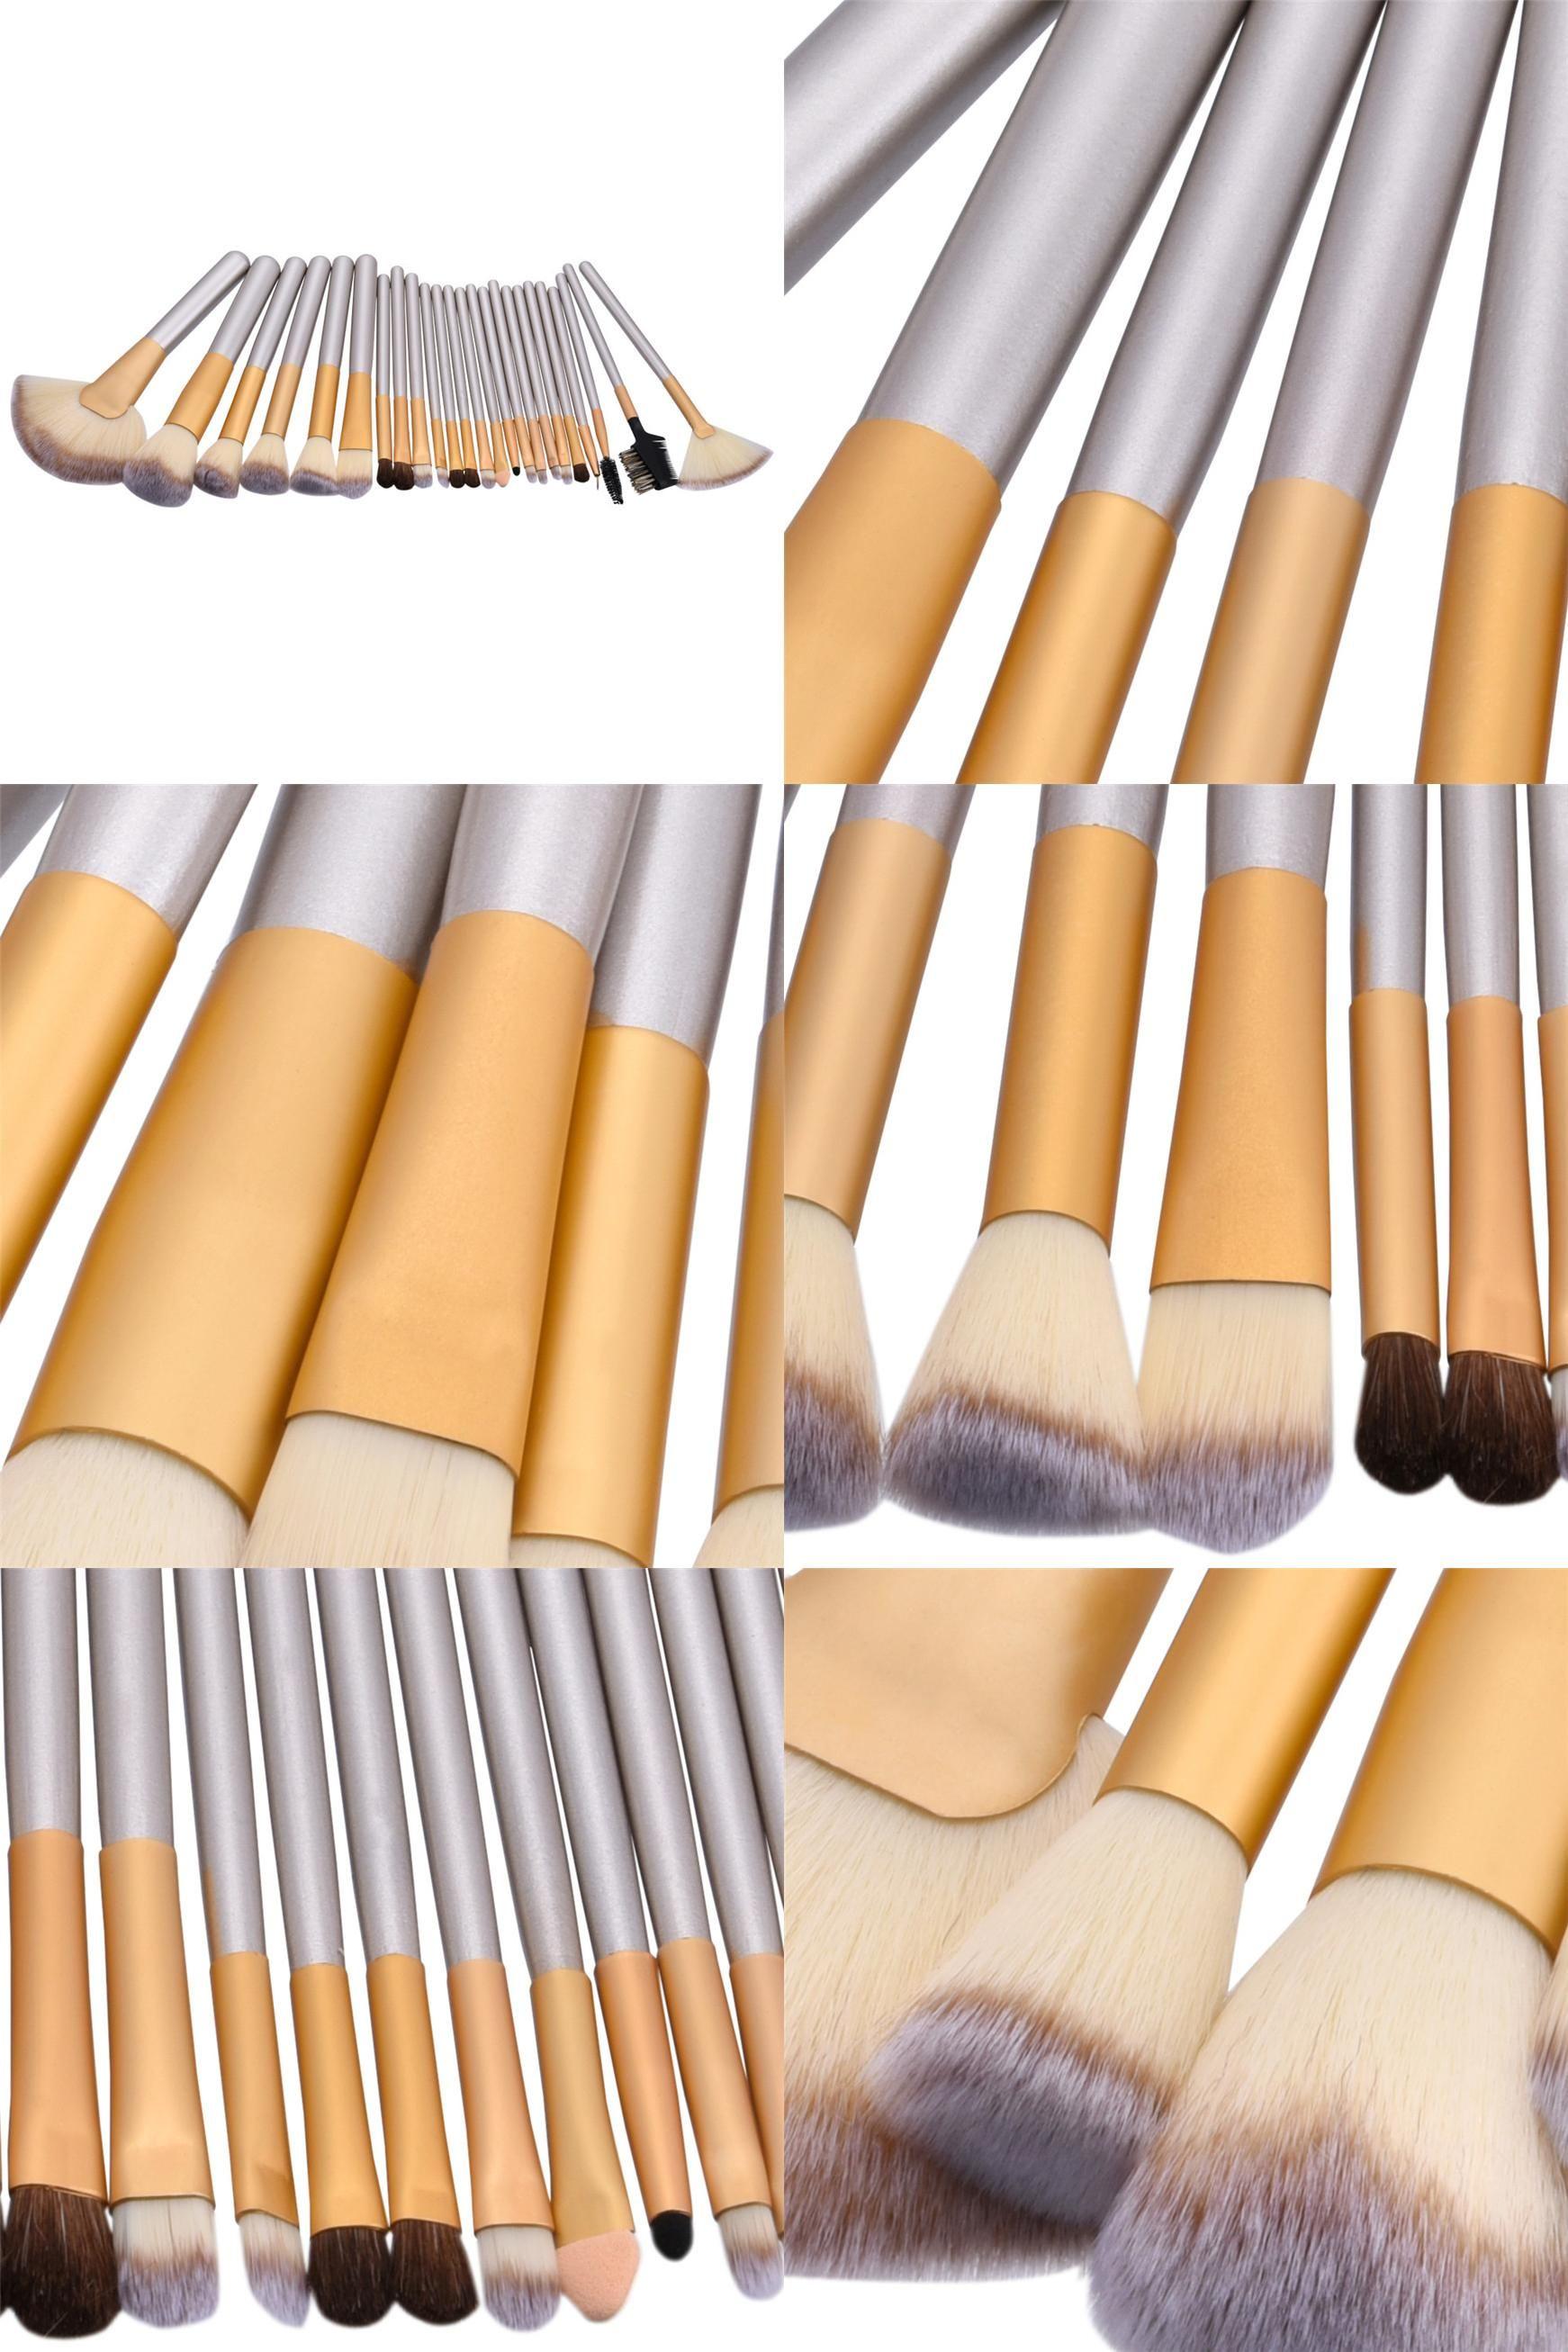 [Visit to Buy] 2017 Best Deal 24Pcs Blending Pencil